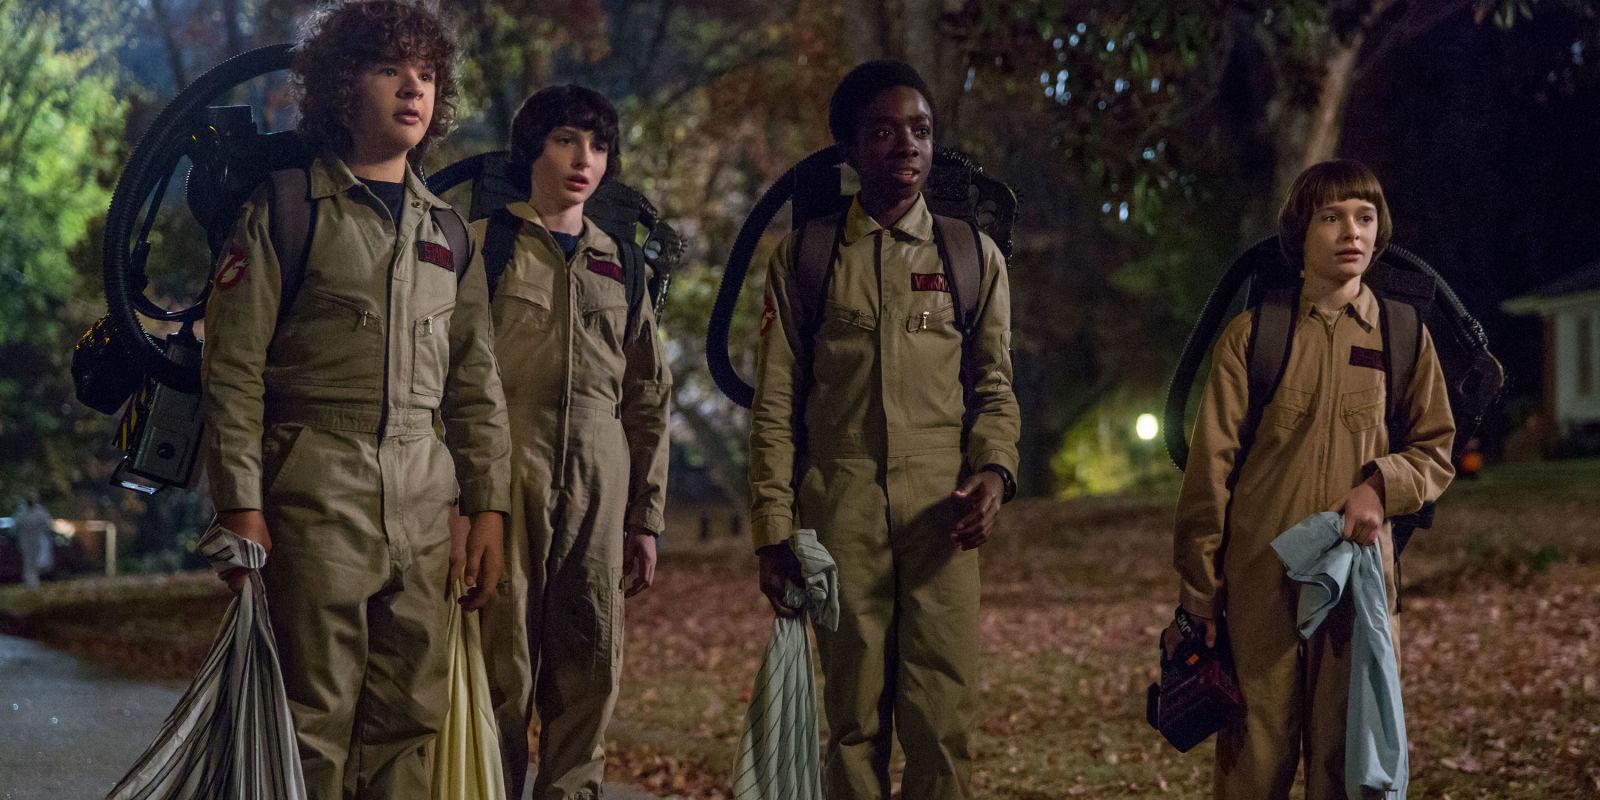 Los niños de Stranger Things disfrazados de Los Cazafantasmas en la segunda temporada de Stranger Things